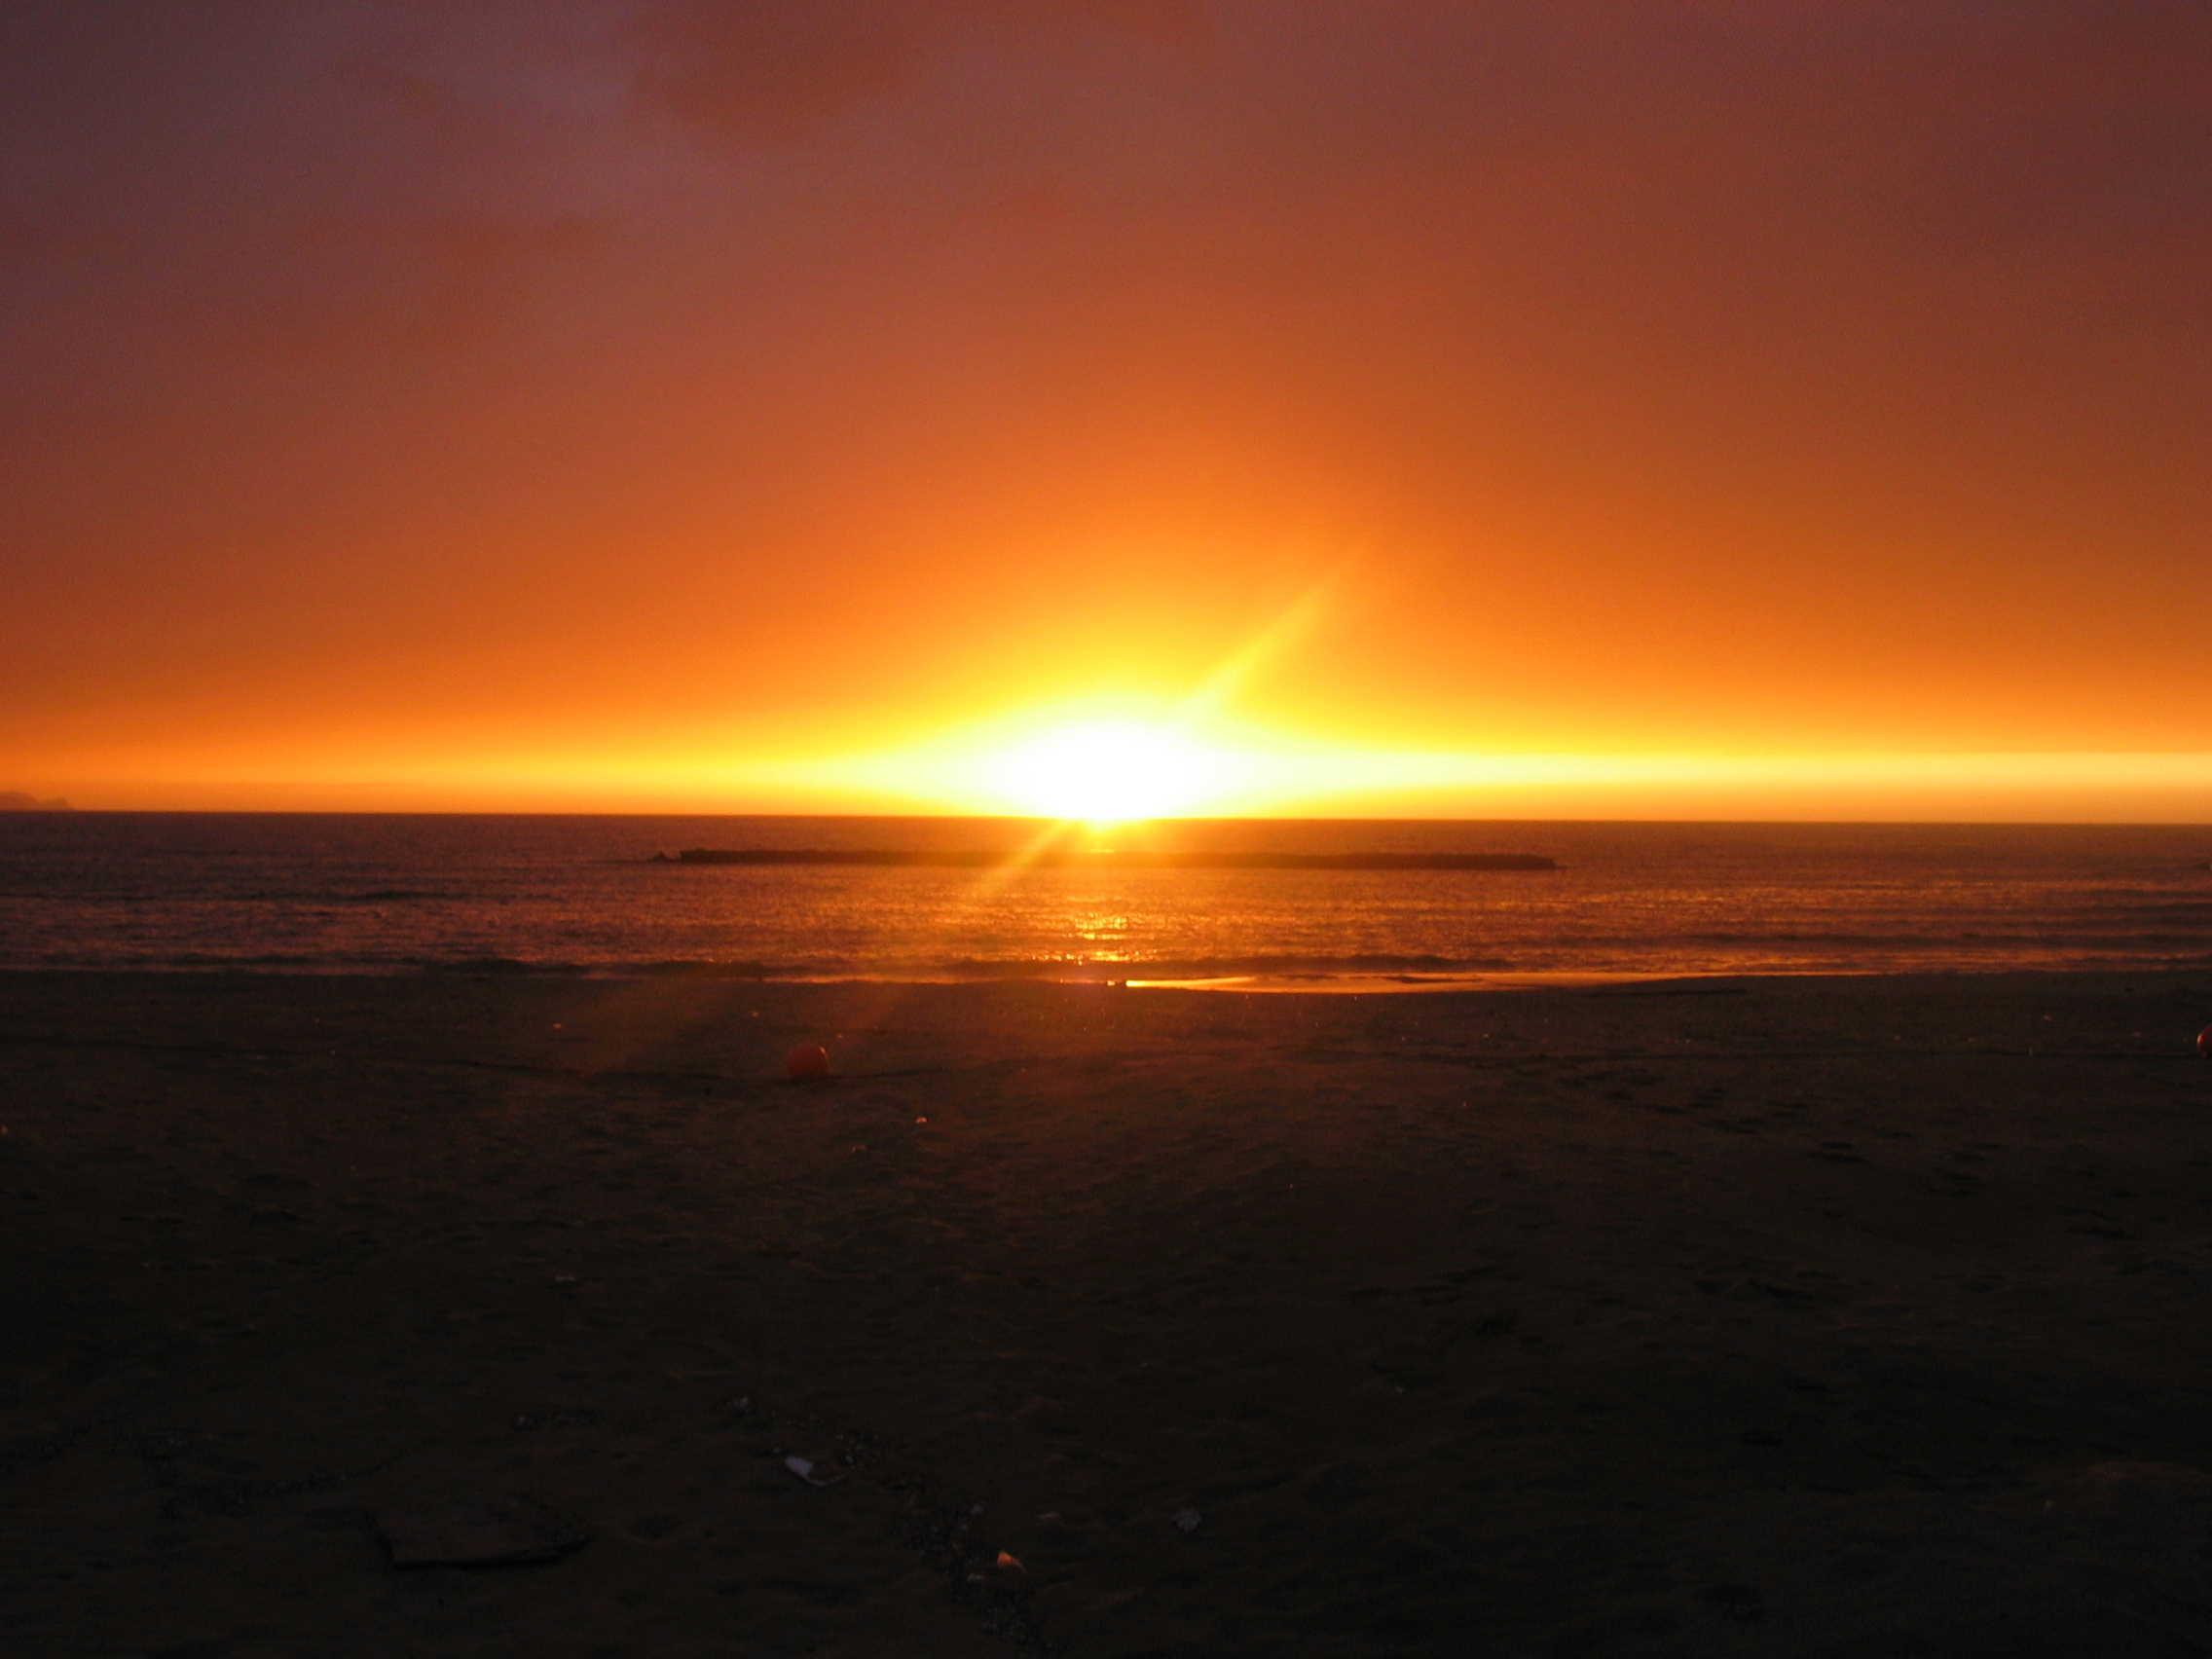 美しくて、心が落ち着いてしまう「夕日」のまとめ!